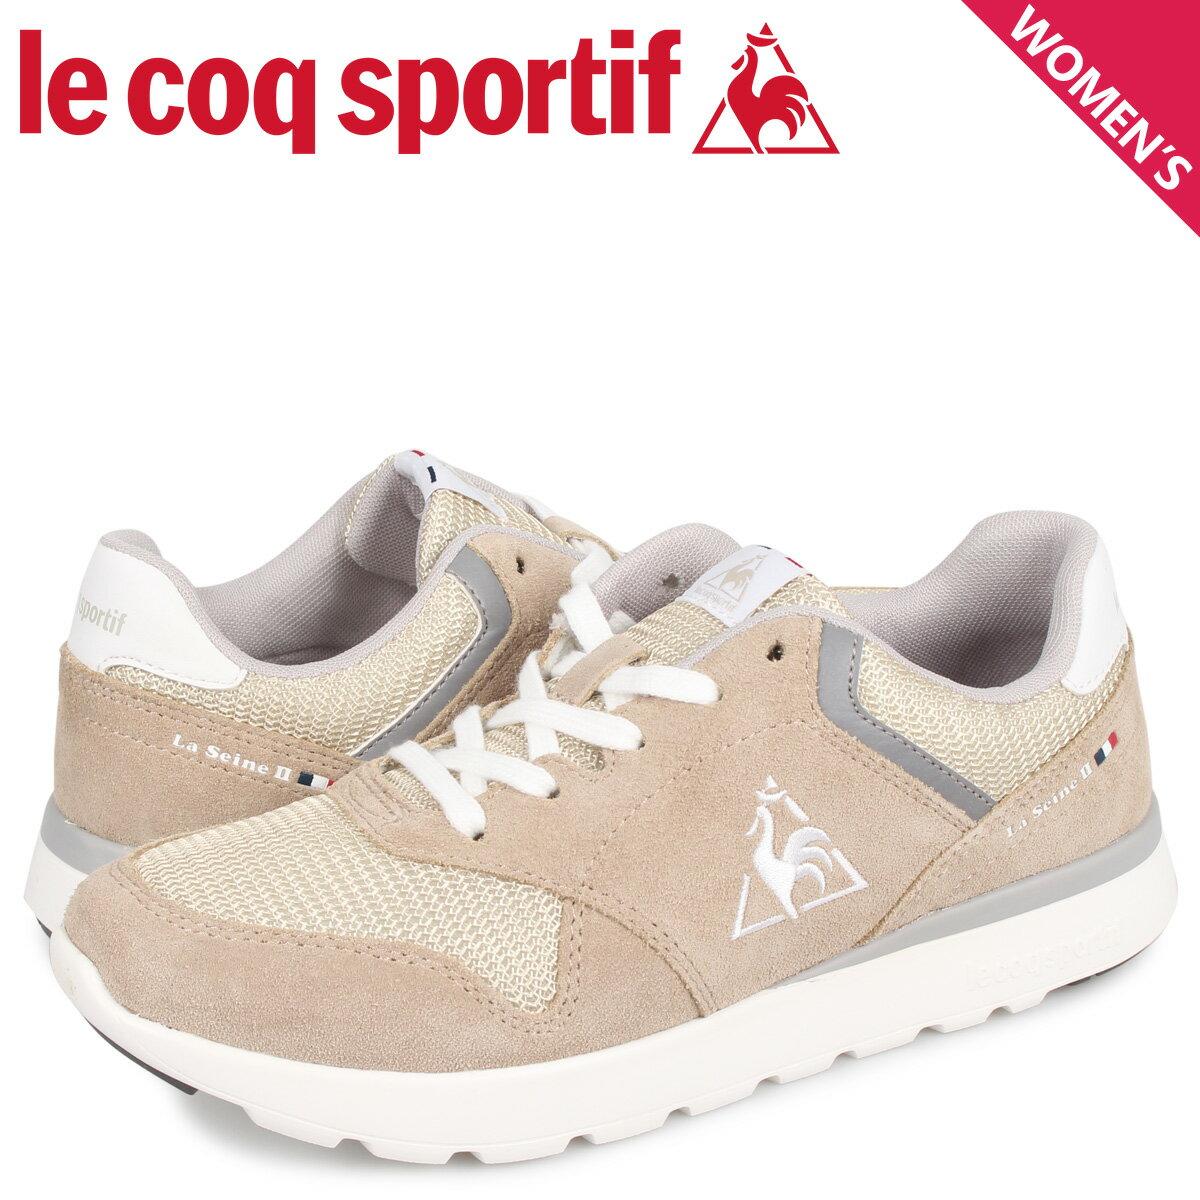 レディース靴, スニーカー 2000OFF le coq sportif LA 2 LA SEINE 2 WIDE QL3PJC00SS 10